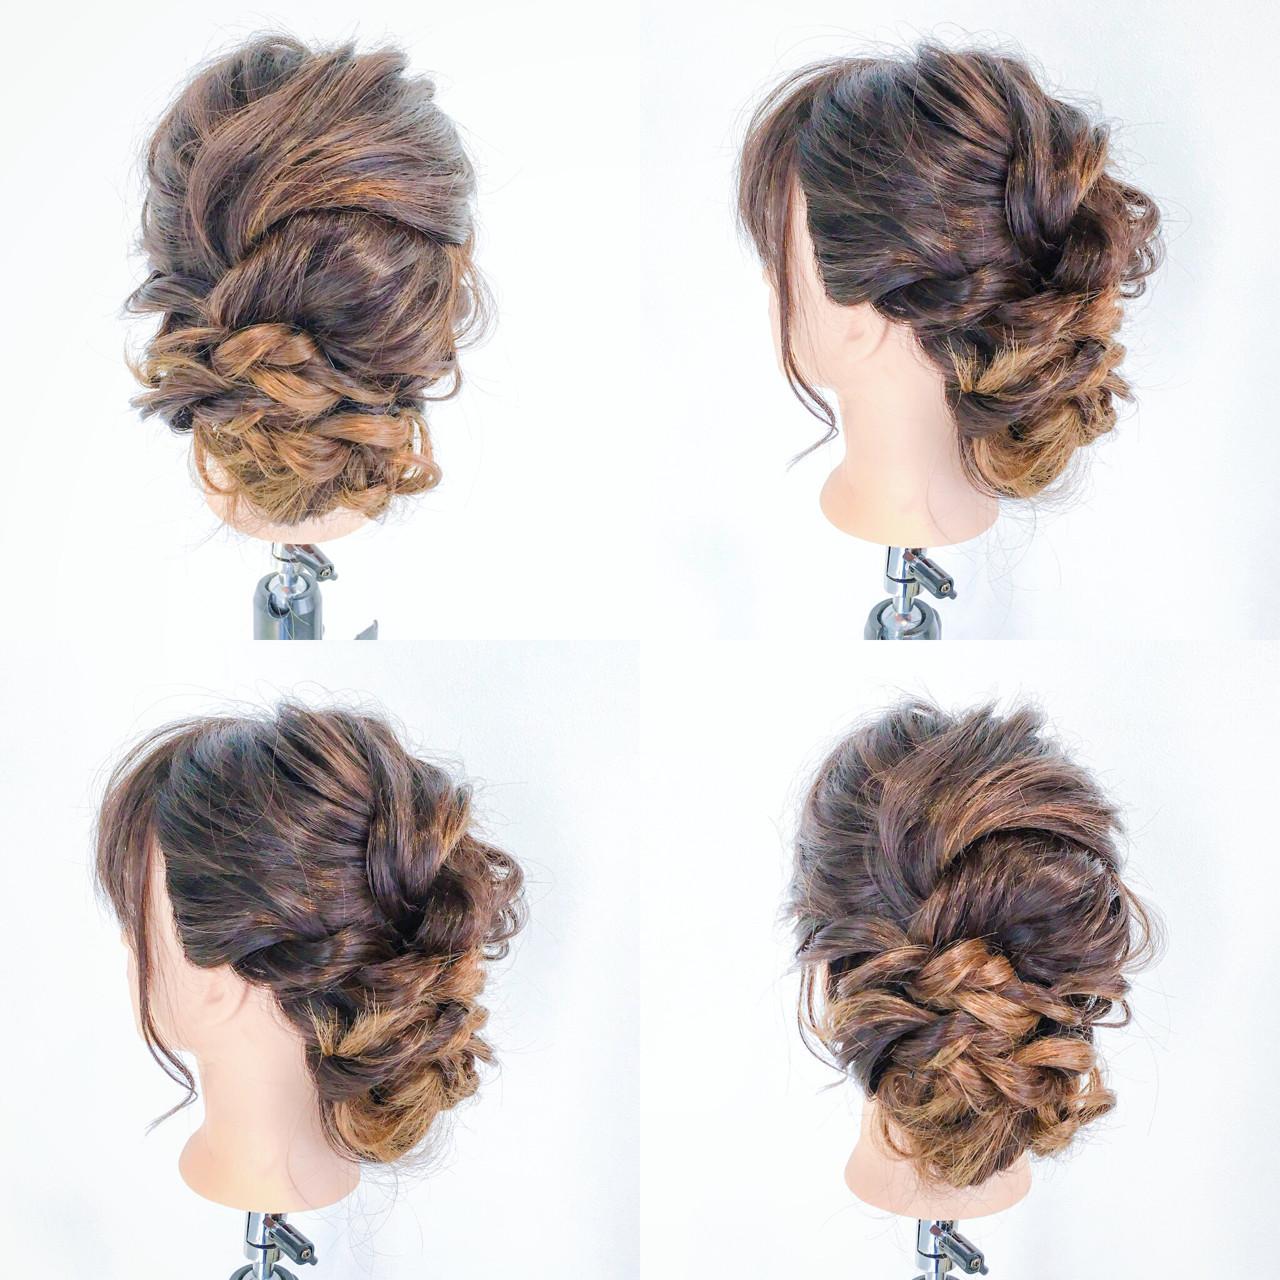 編み込み セミロング ルーズ 結婚式 ヘアスタイルや髪型の写真・画像 | 美容師HIRO/Amoute代表 / Amoute/アムティ